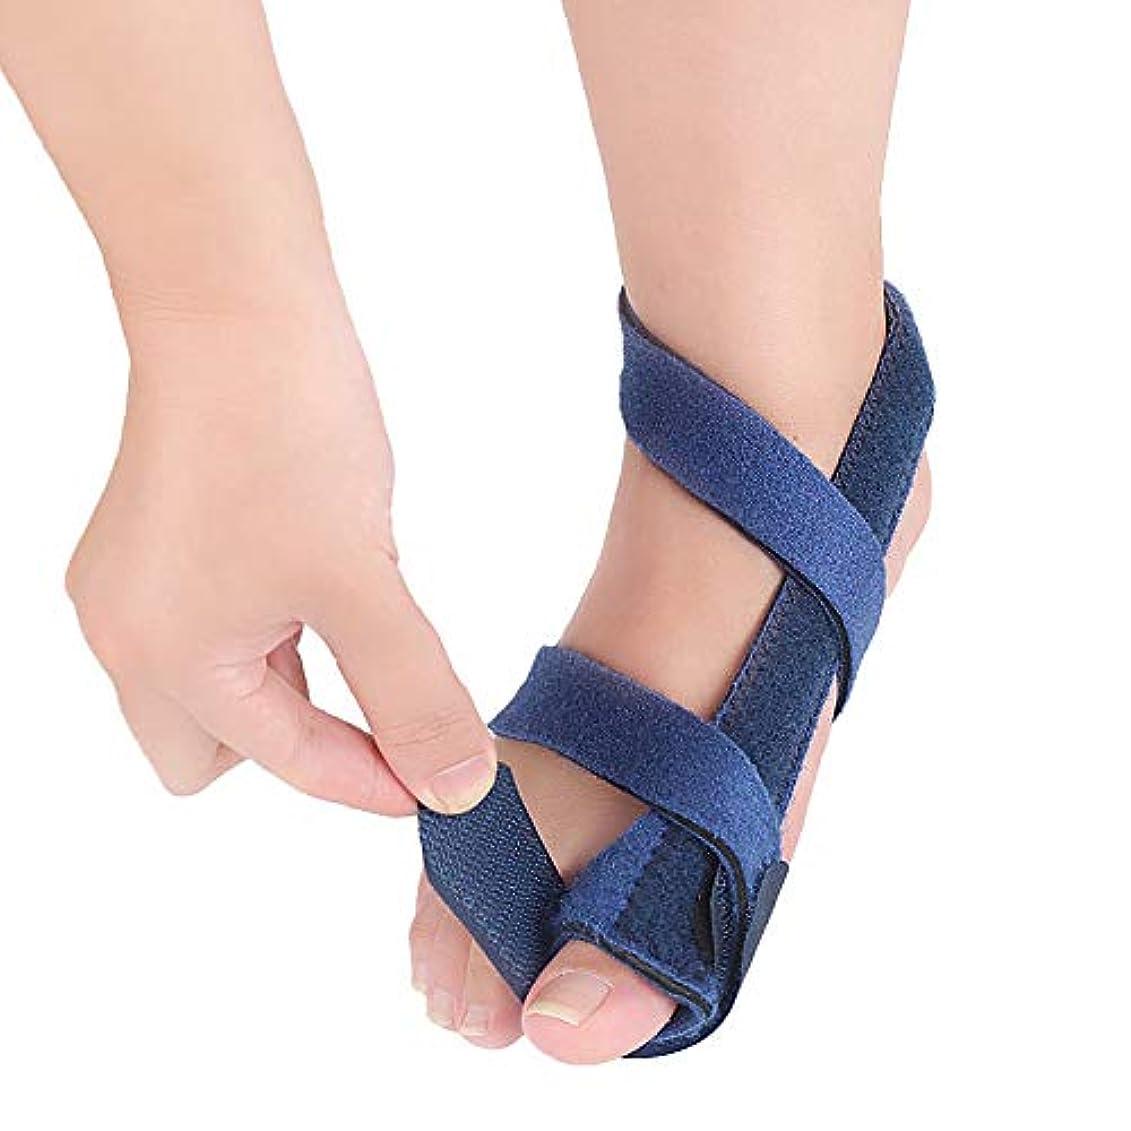 外反母趾足指セパレーターは足指重複嚢胞通気性吸収汗ワンサイズを防止し、ヨガ後の痛みと変形を軽減